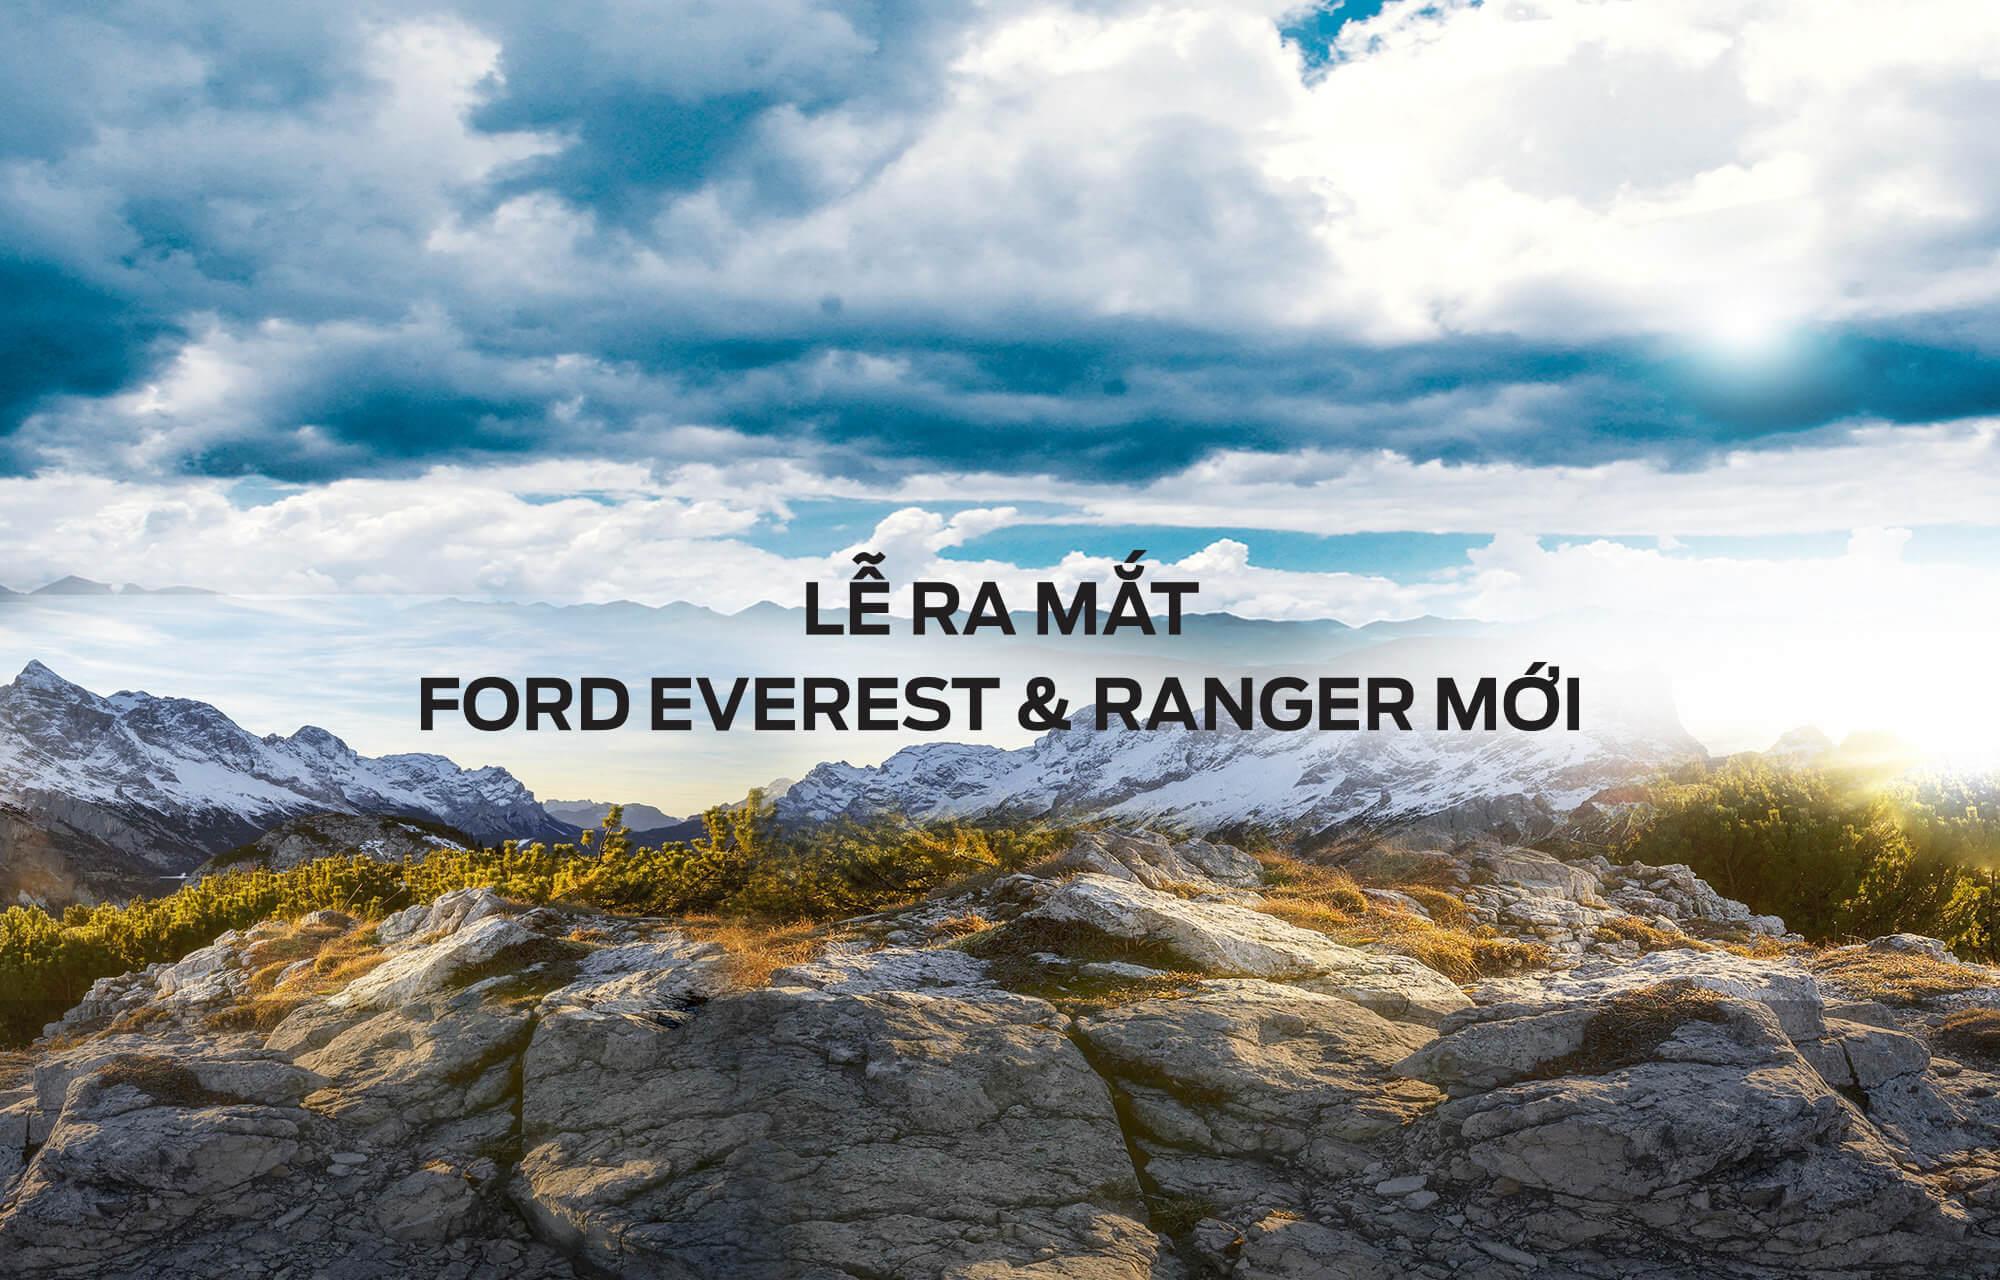 Sự kiện Ra mắt Ford Ranger & Everest 2018 Mới tại Hà Thành Ford